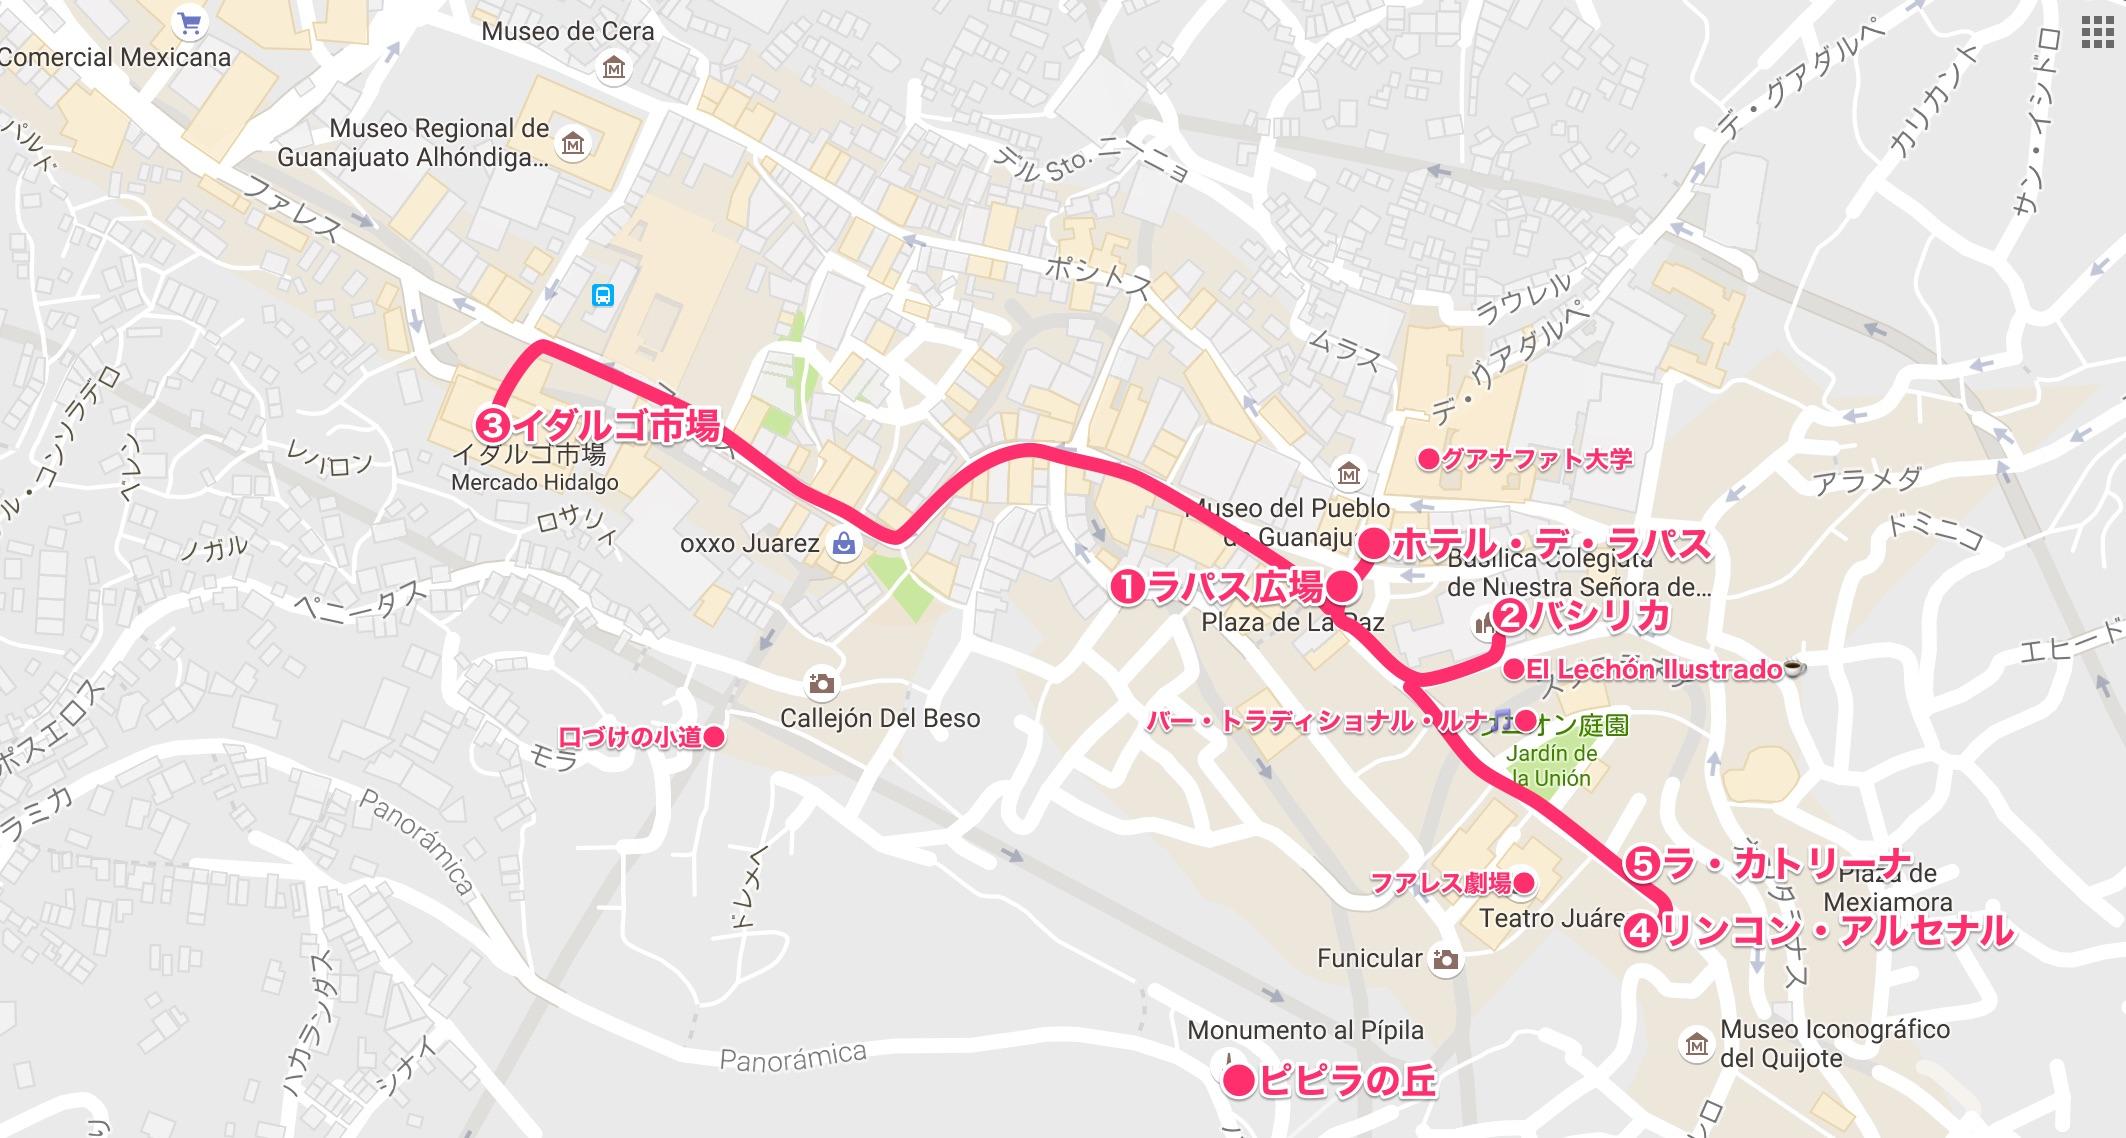 バシリカ〜イダルゴ市場〜セルヴィン焼き(グアナファト③午前)